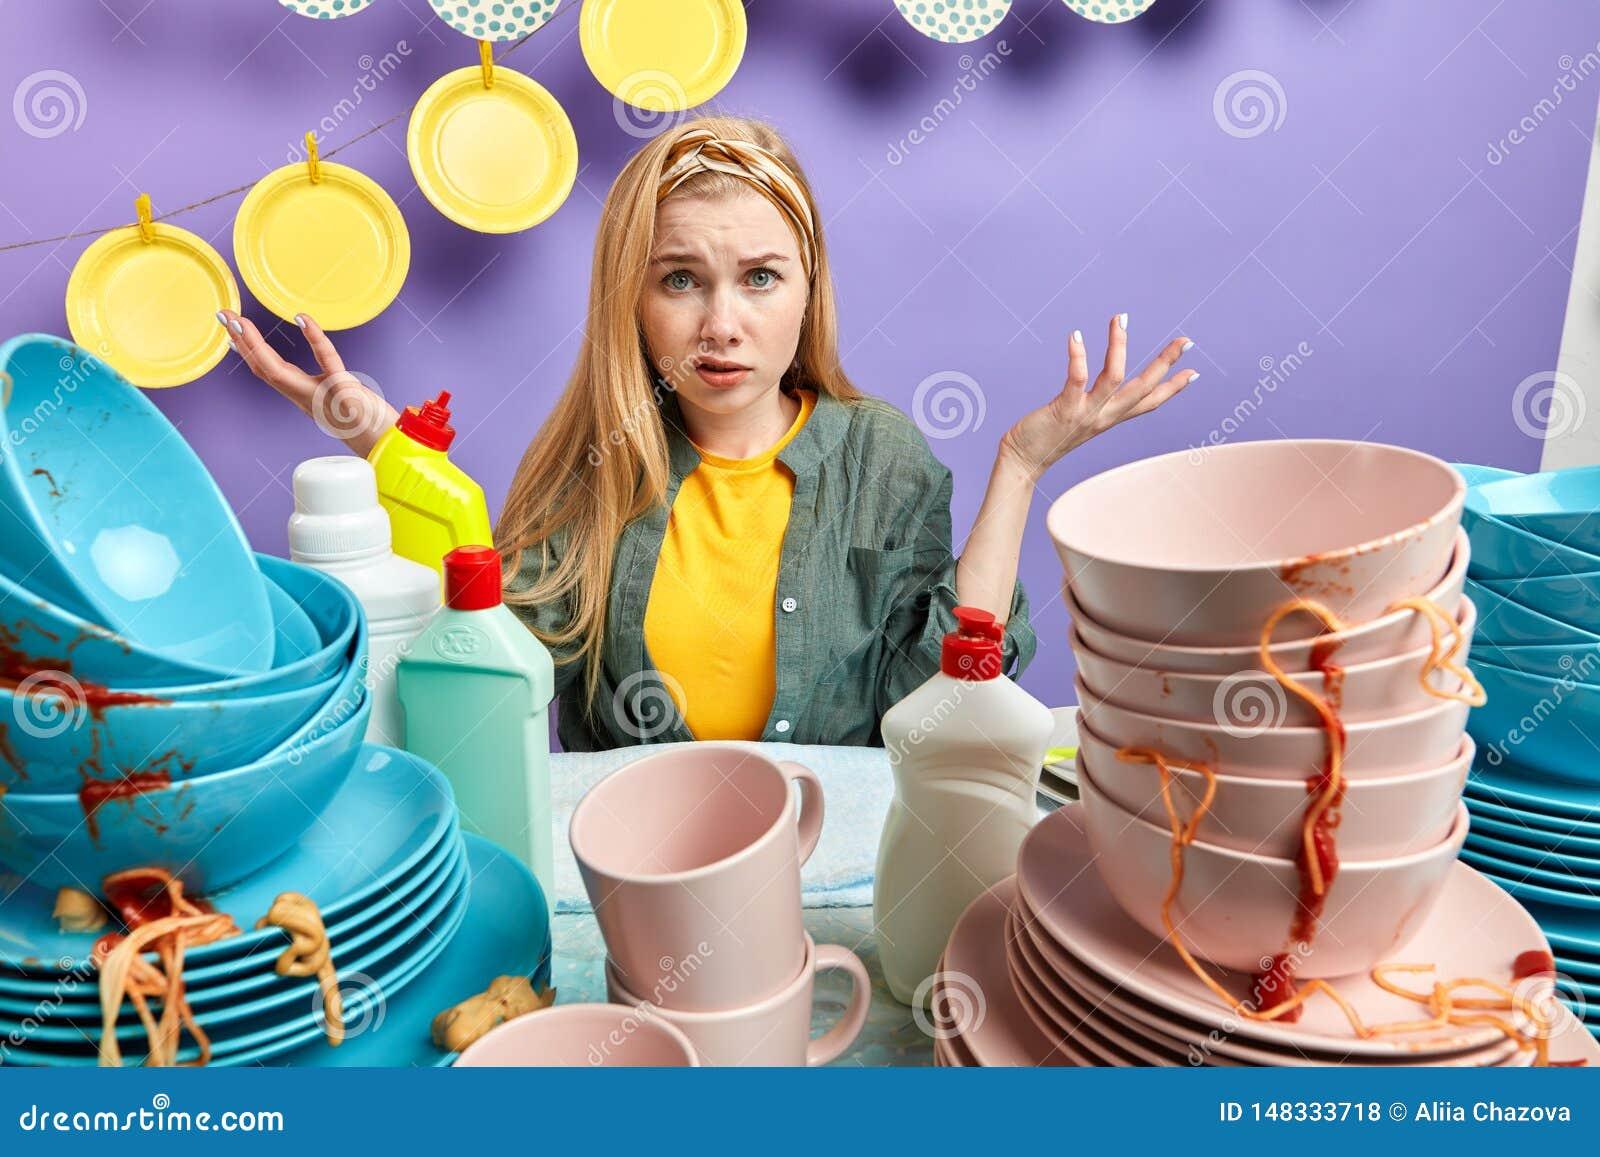 Озадаченная белокурая девушка в стильное случайном одевает сидеть за грязной кухней